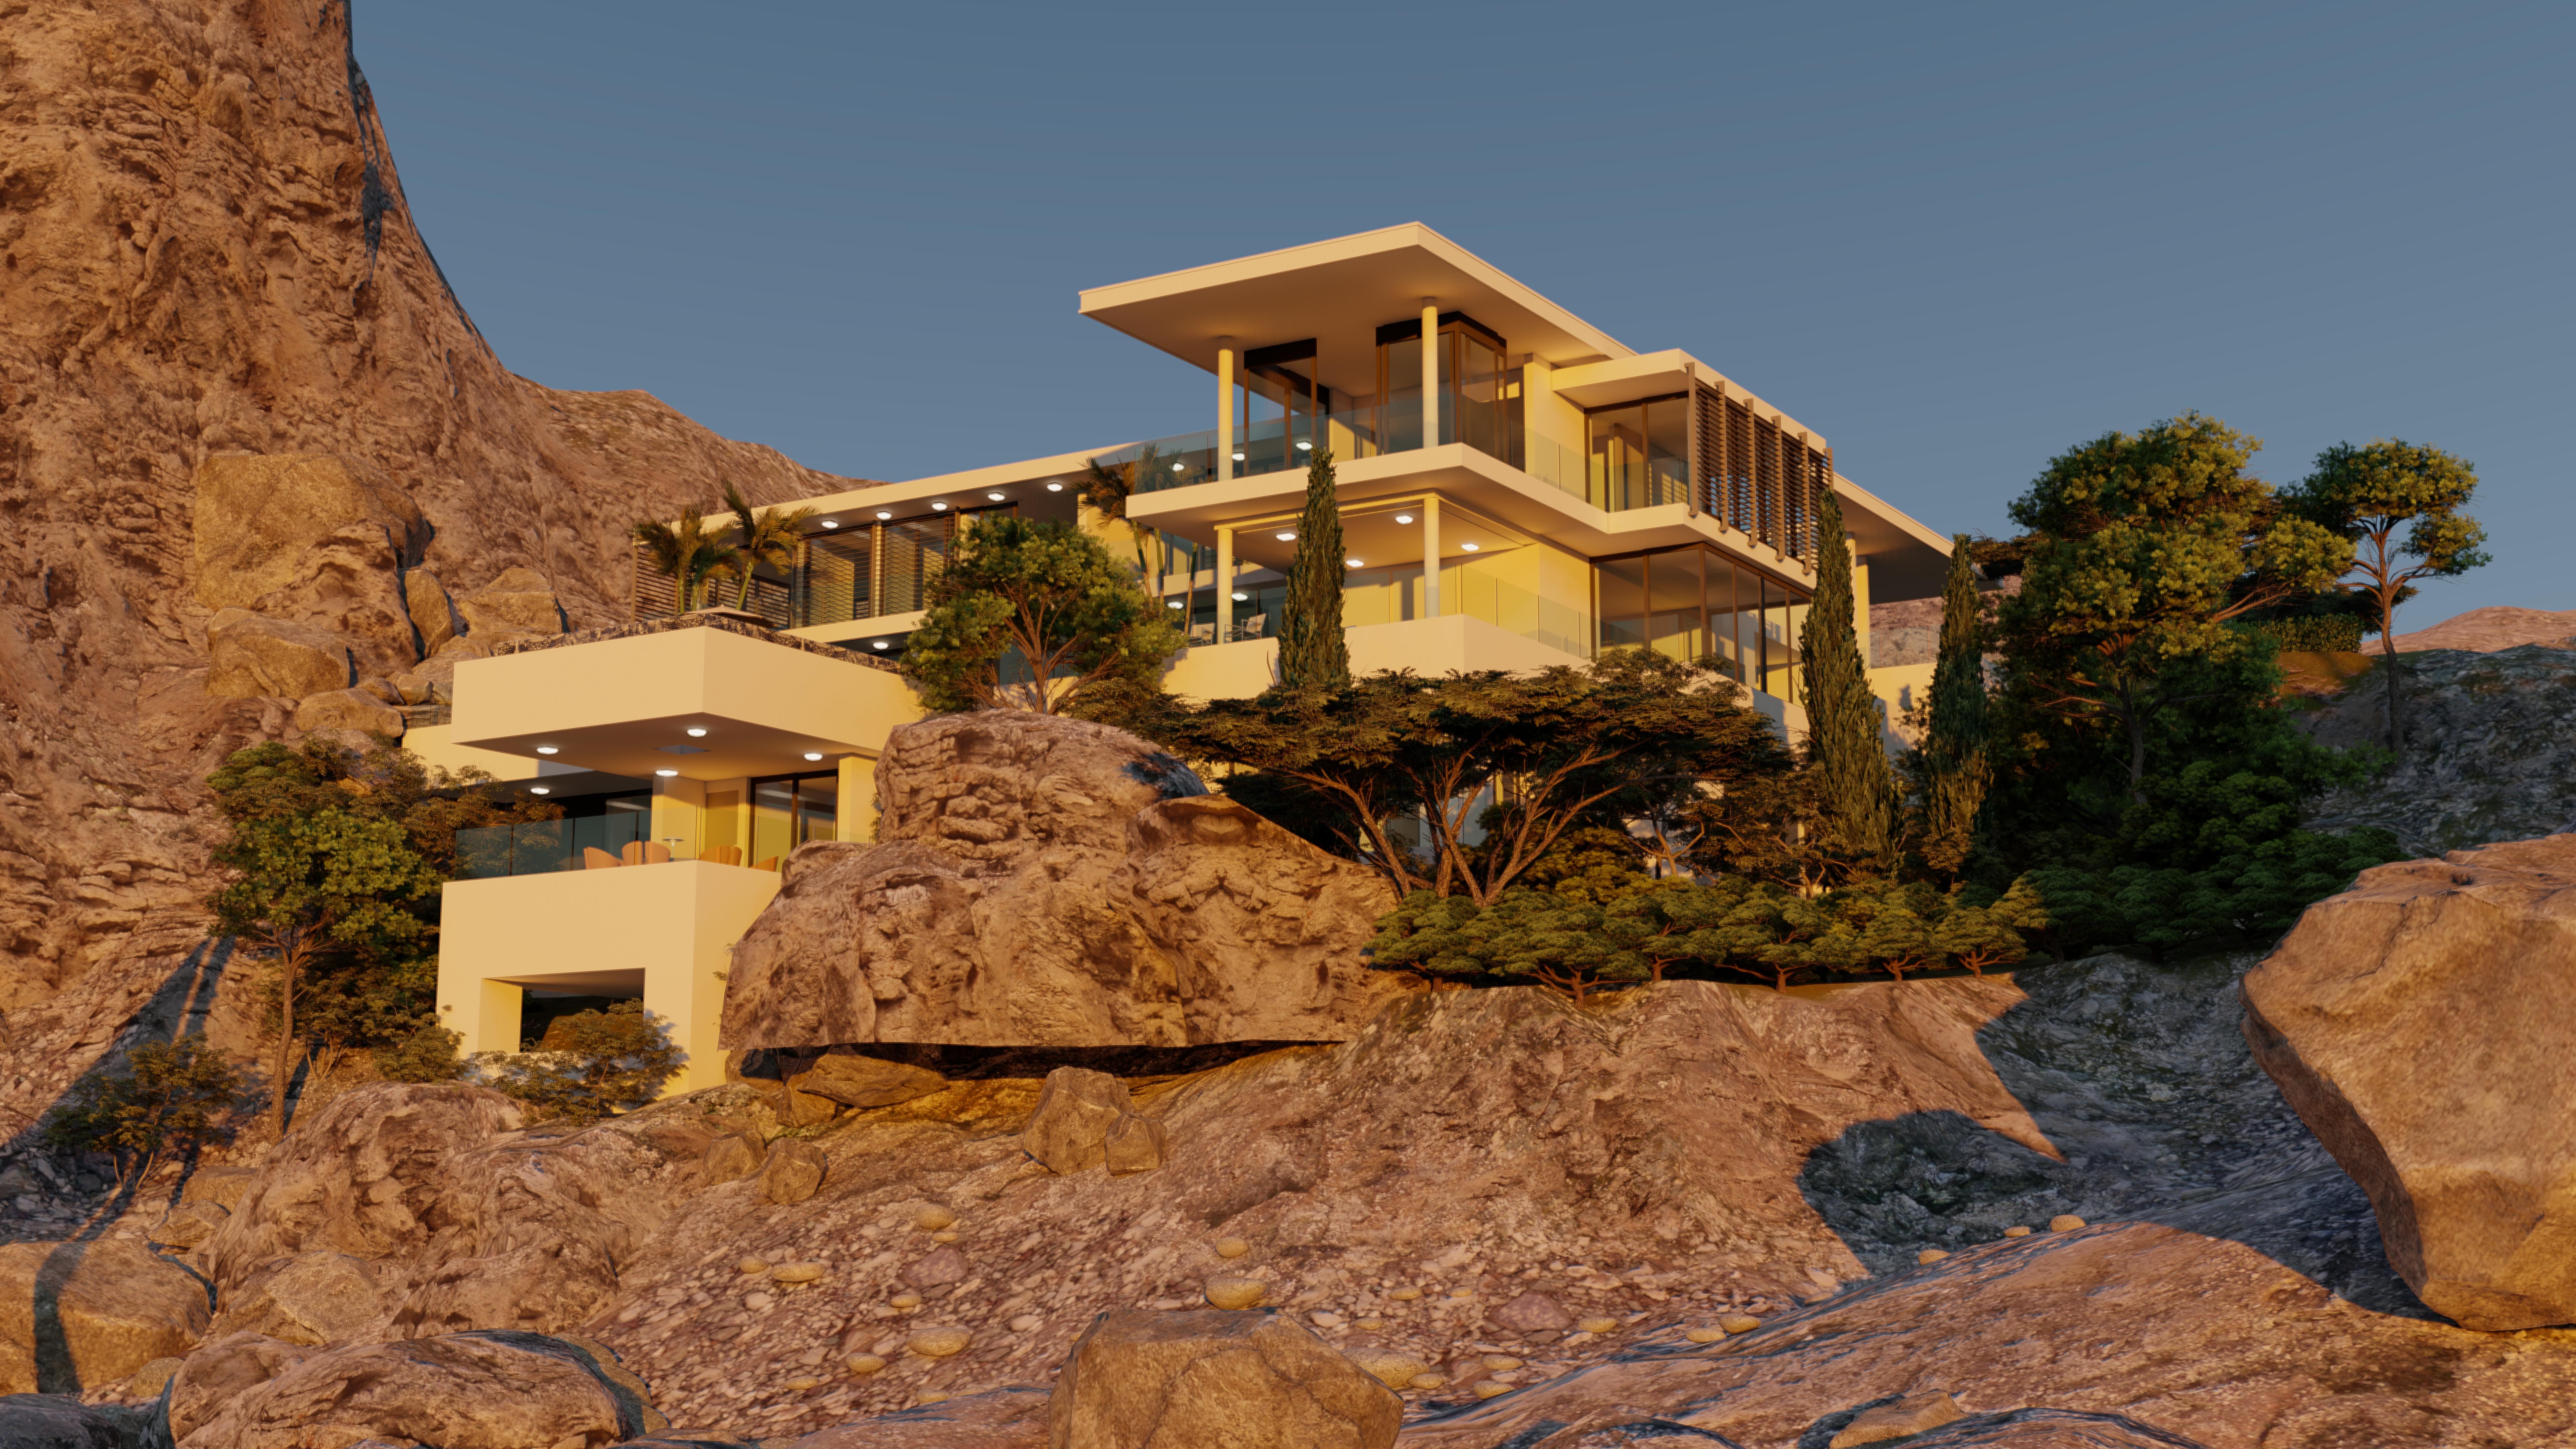 boca do lobo Unravel The Summer House of Boca do Lobo Unravel The Summer House of Boca do Lobo 2